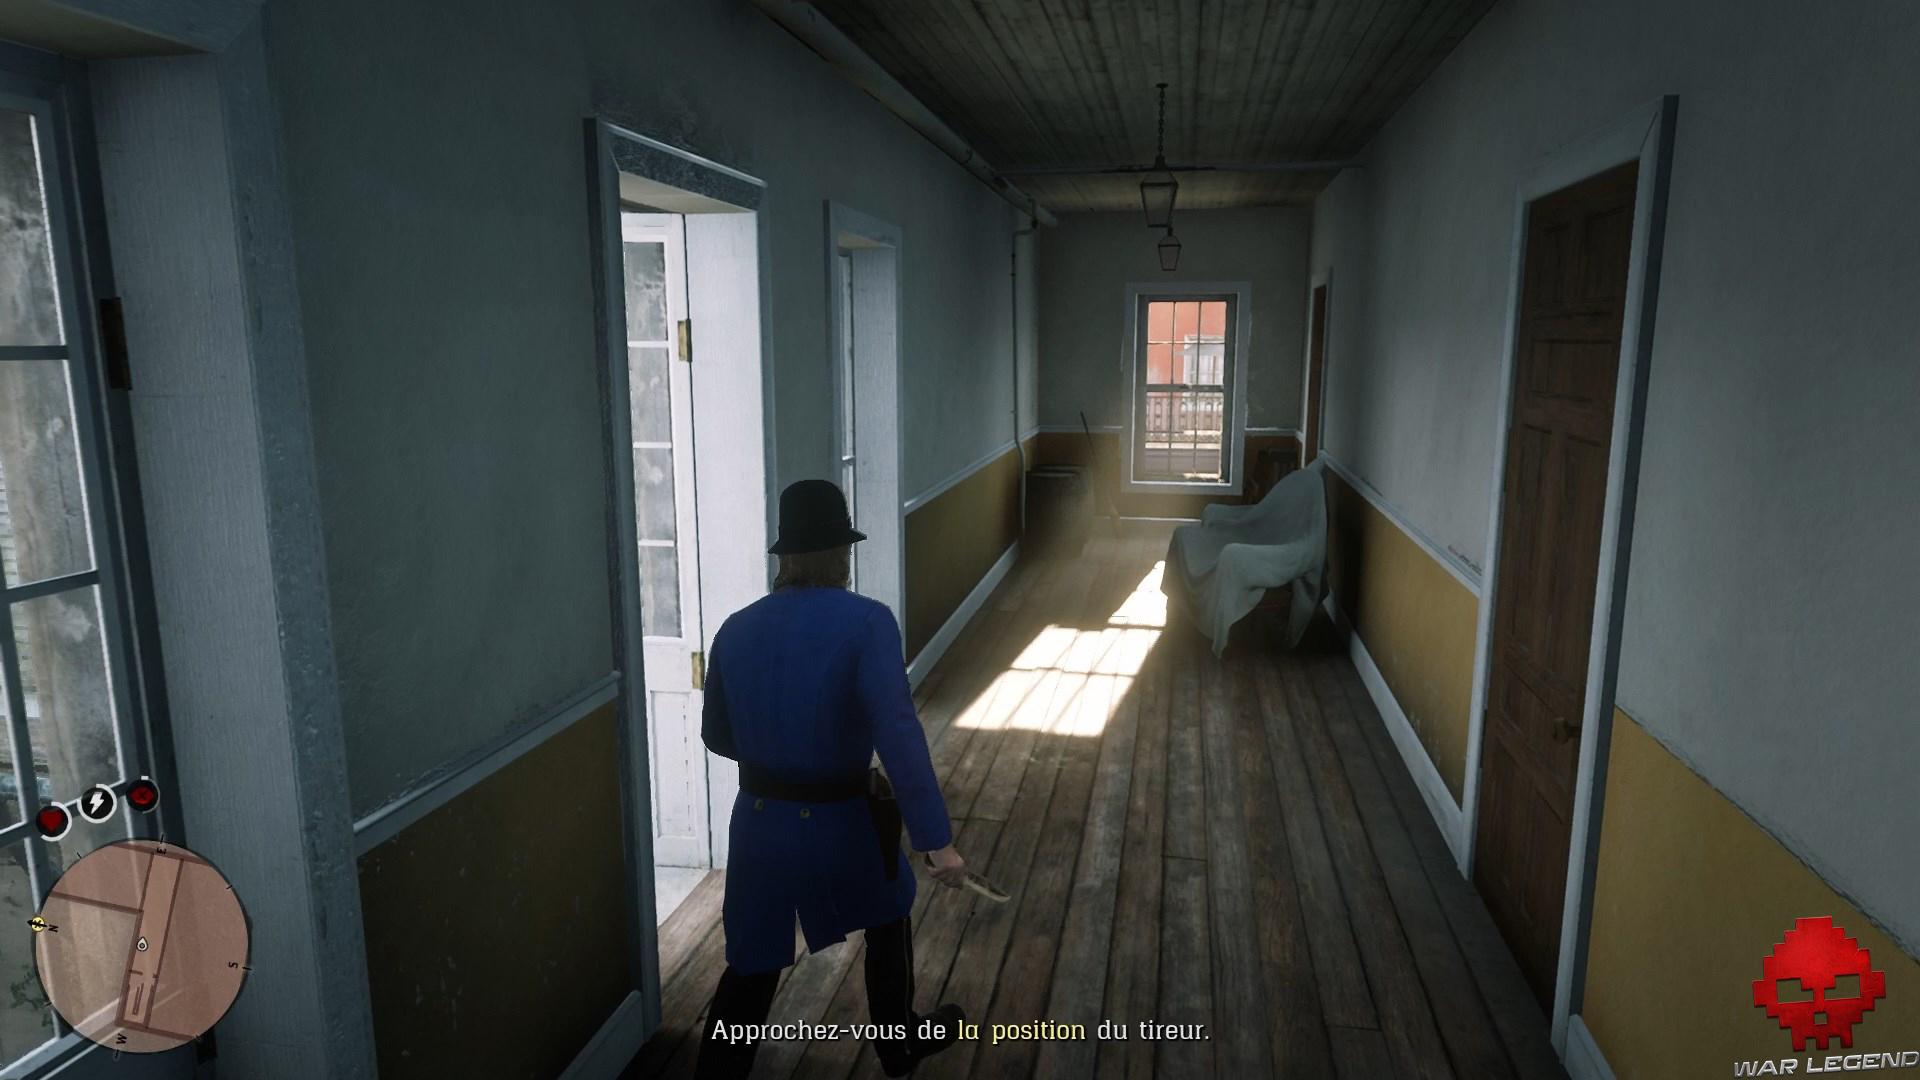 soluce red dead redemption 2 adieu fidèle ami policier dans un couloir